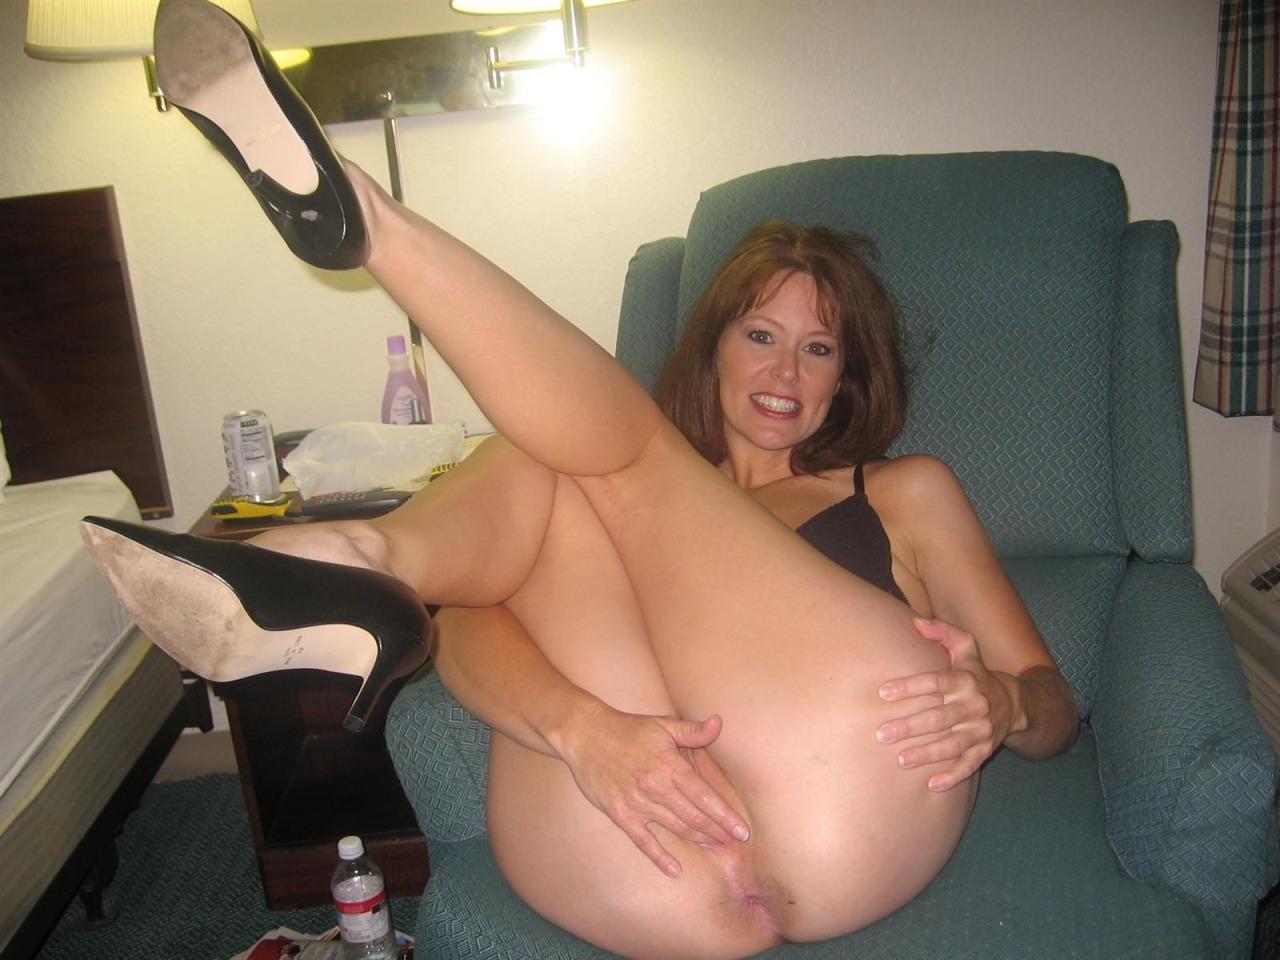 Фото порно женщин после 40, Фото голых женщин за 40 1 фотография